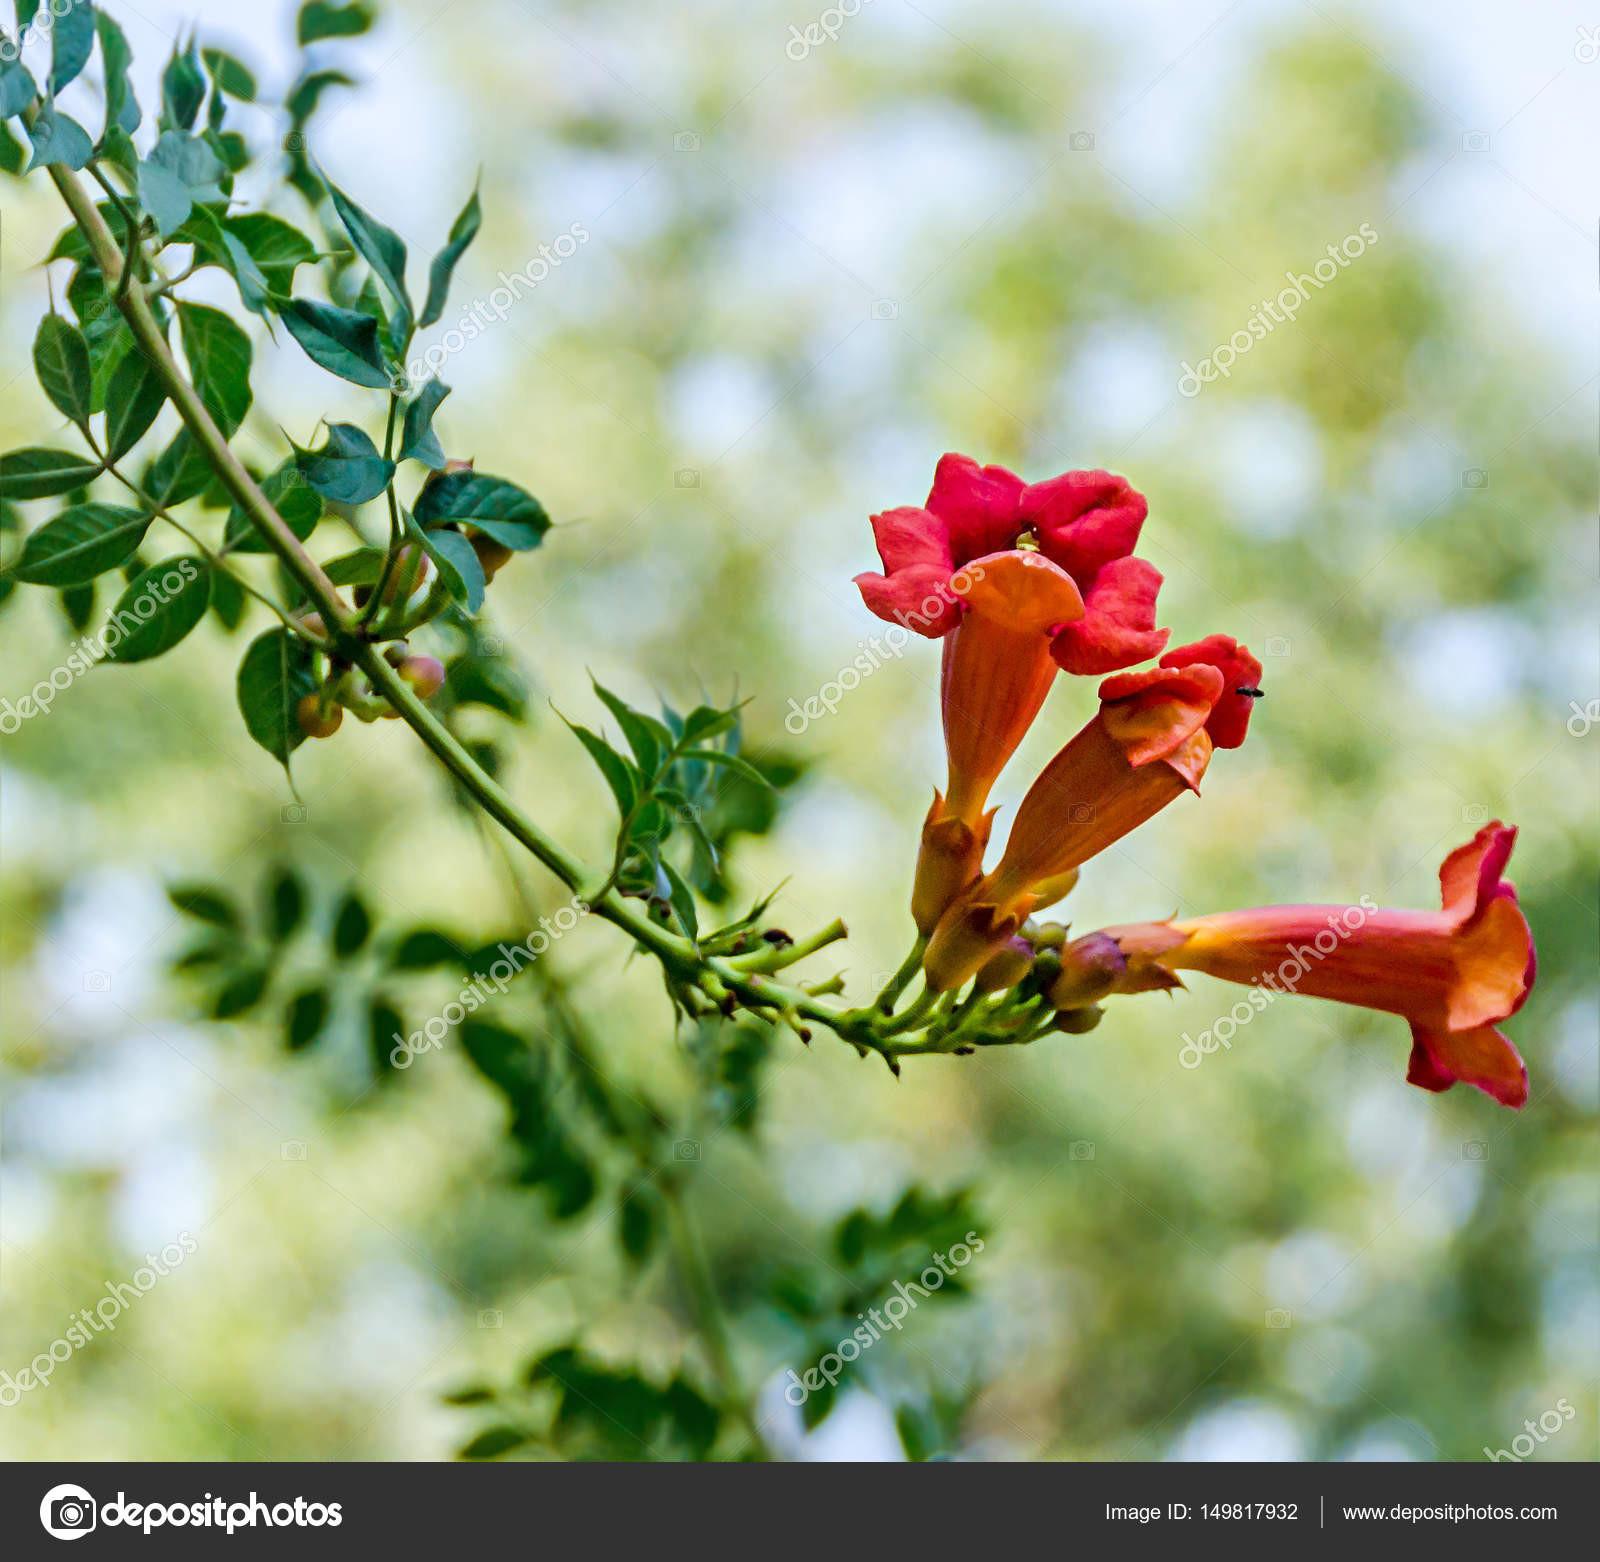 Campsis radicans flowers trumpet vine or trumpet creeper — Zdjęcie stockowe